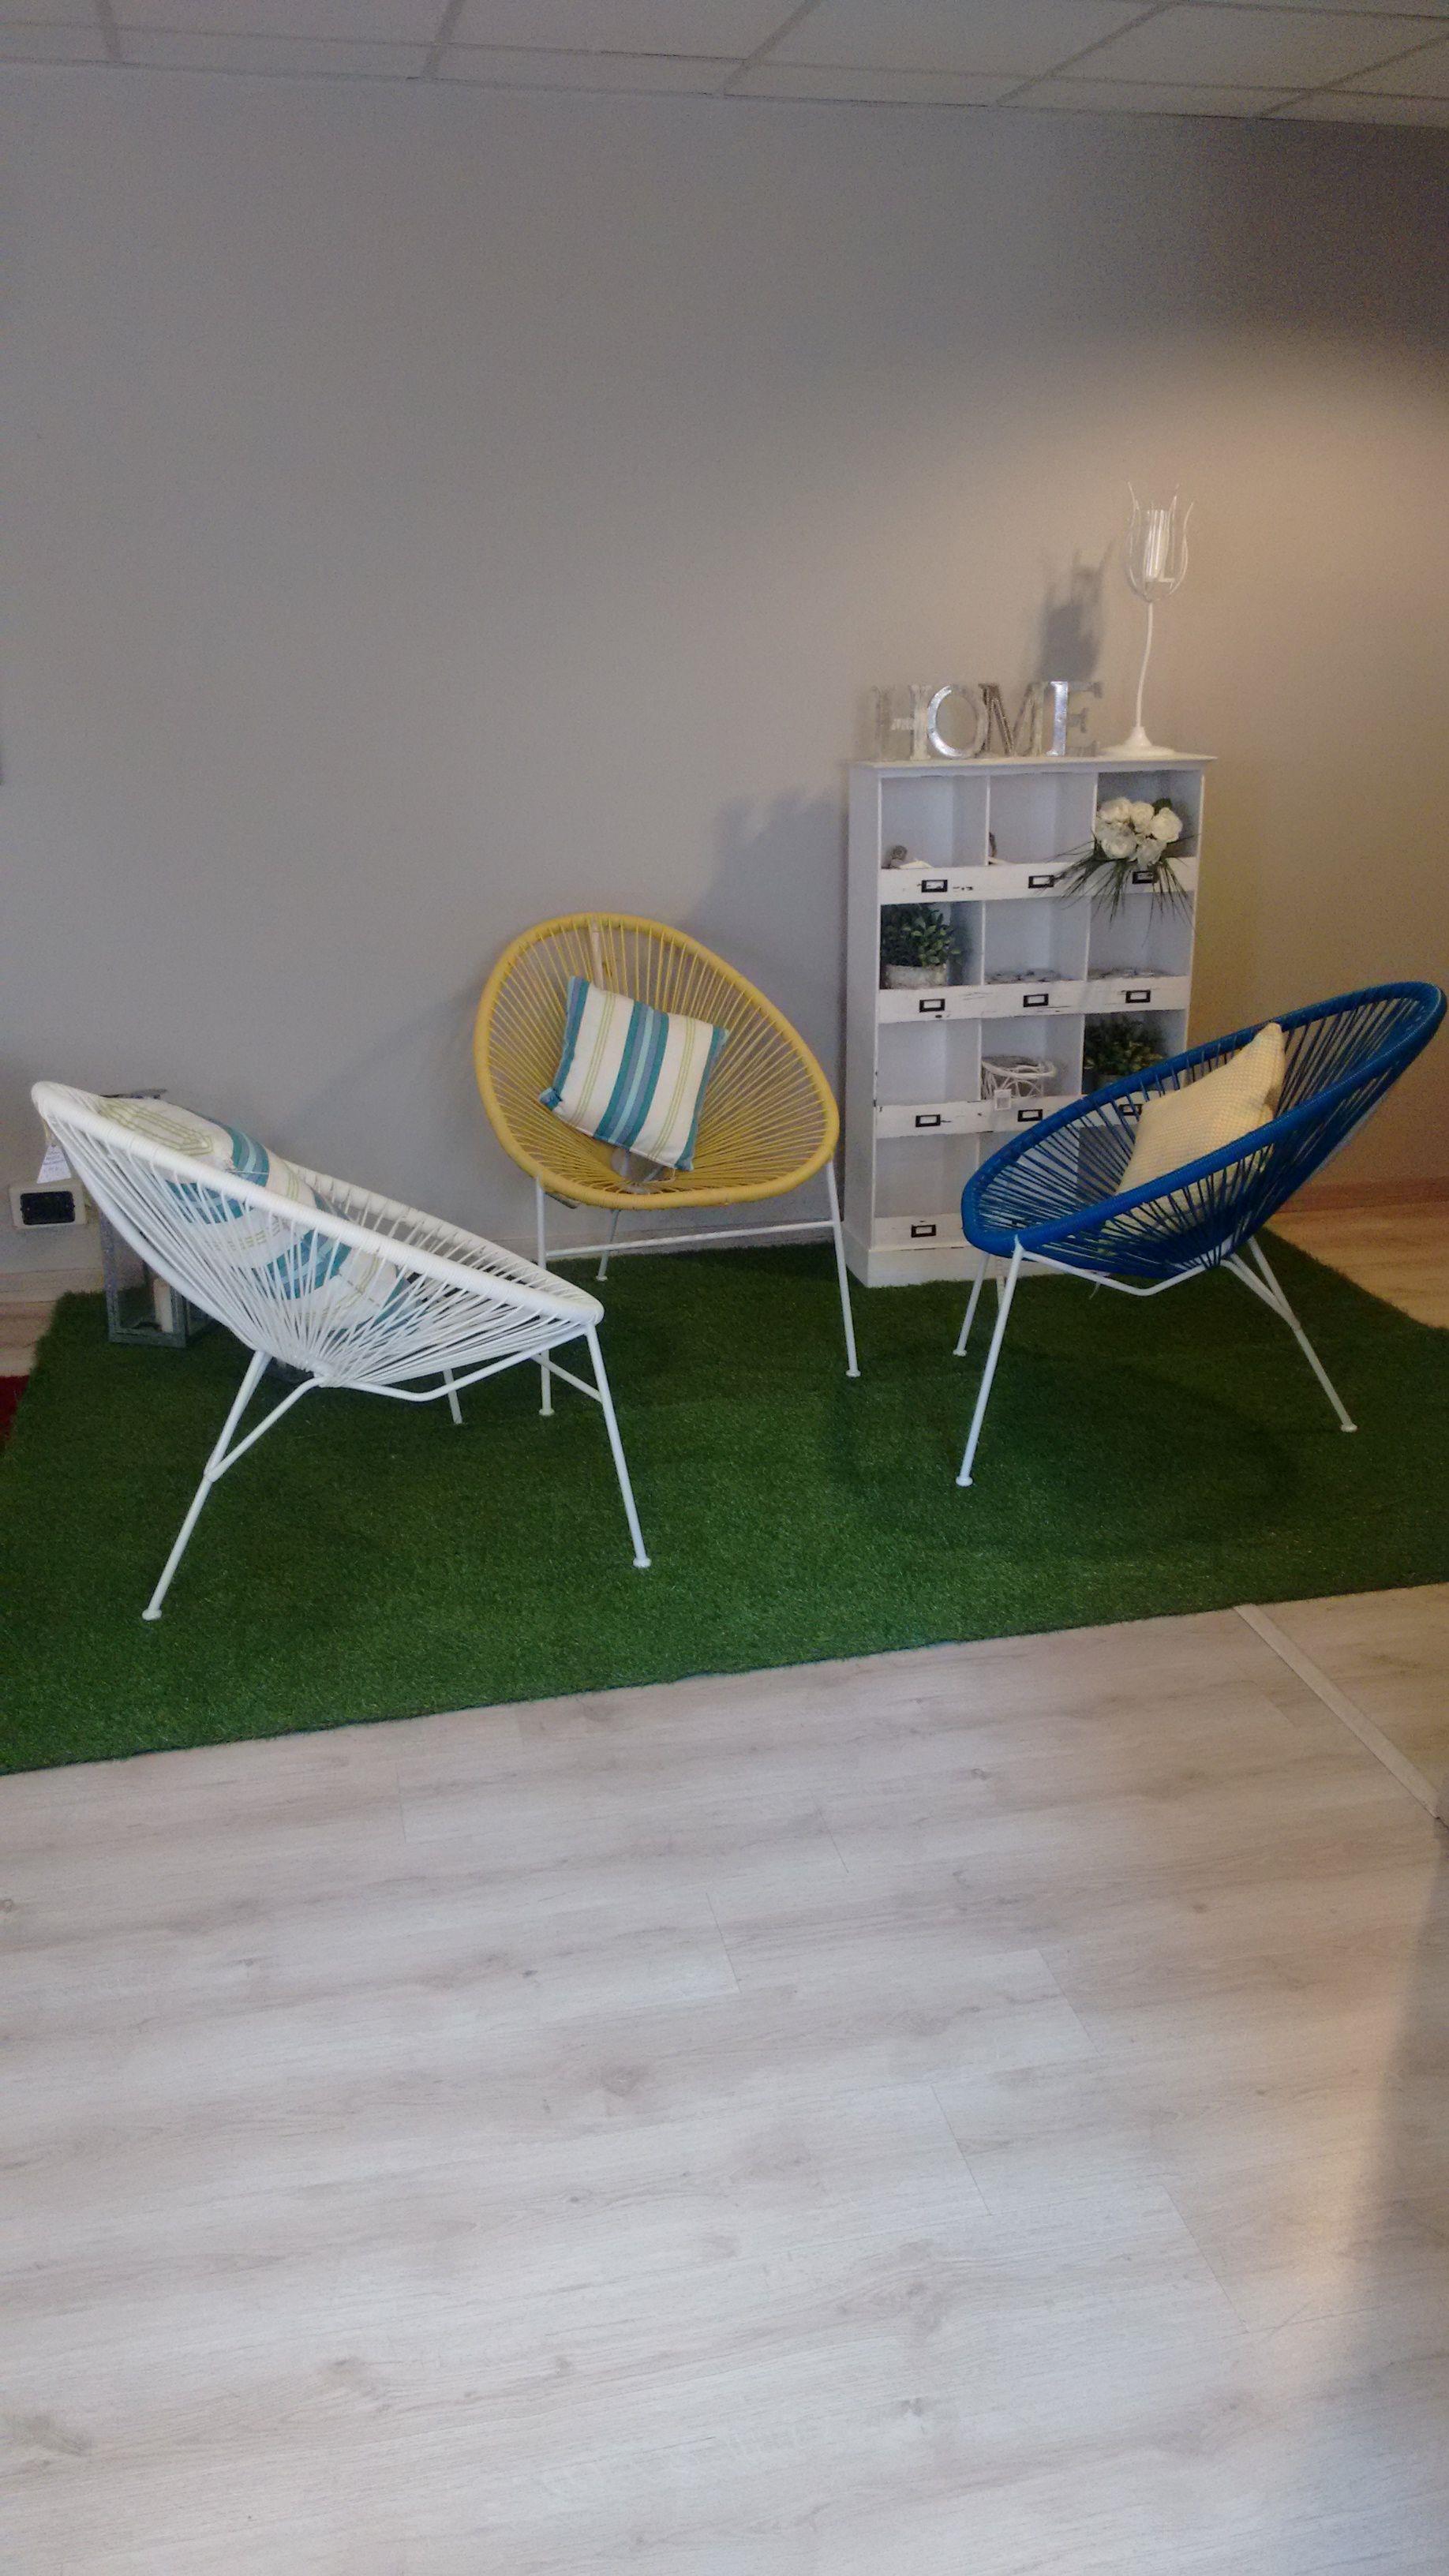 Sedia bizzotto sedia modello dorothy arredo giardino a for Bizzotto arredo giardino